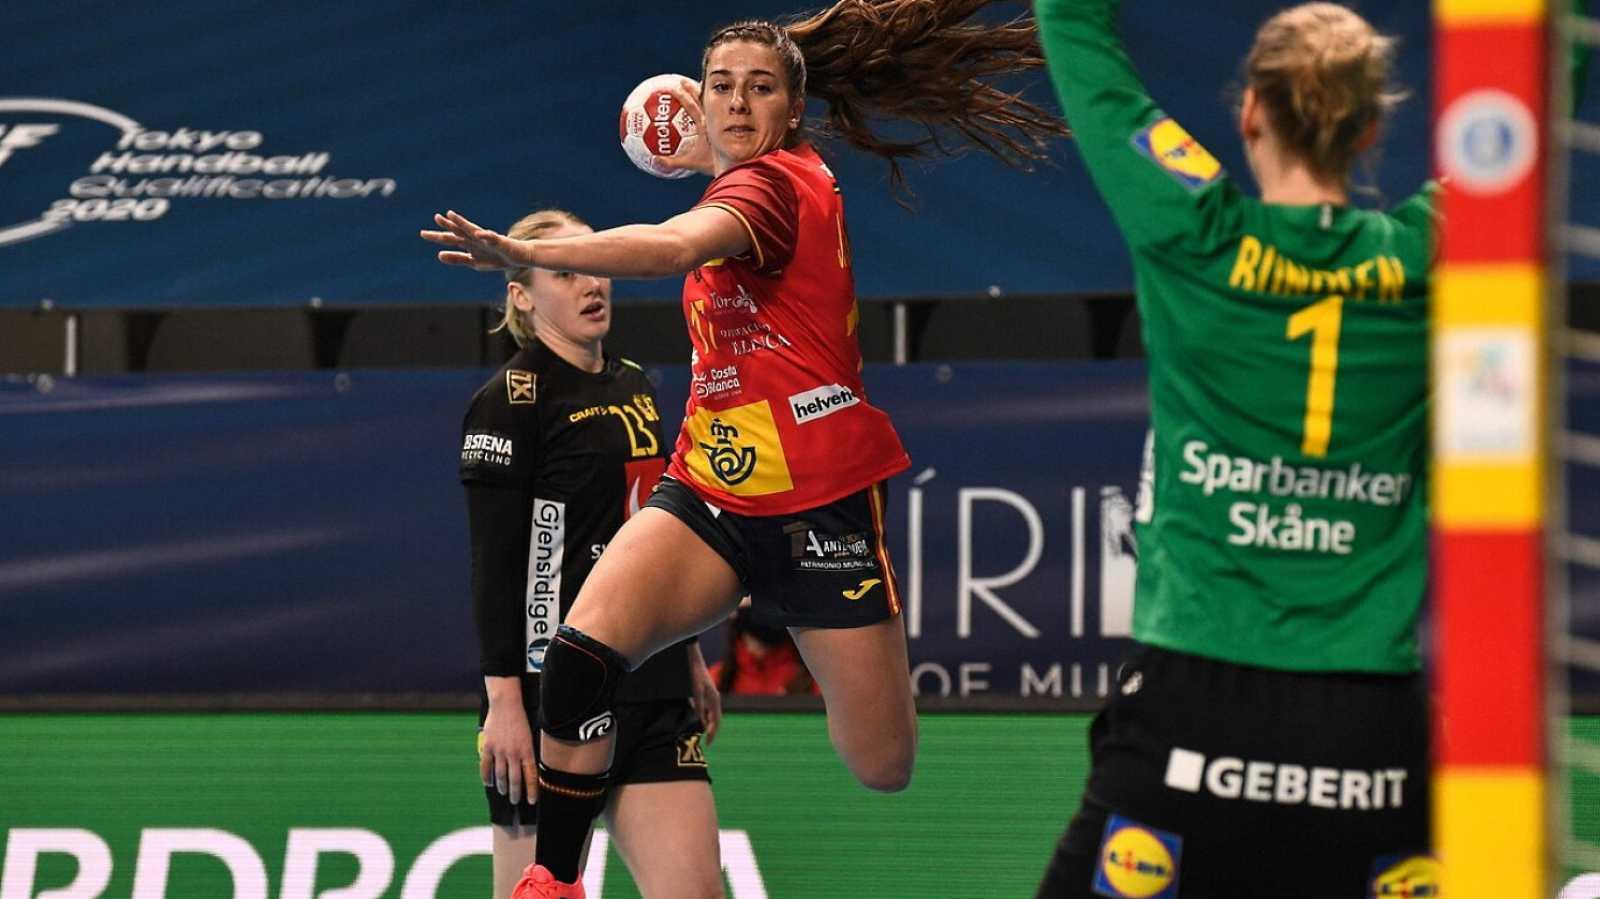 Balonmano - Preolímpico femenino: España - Suecia - ver ahora